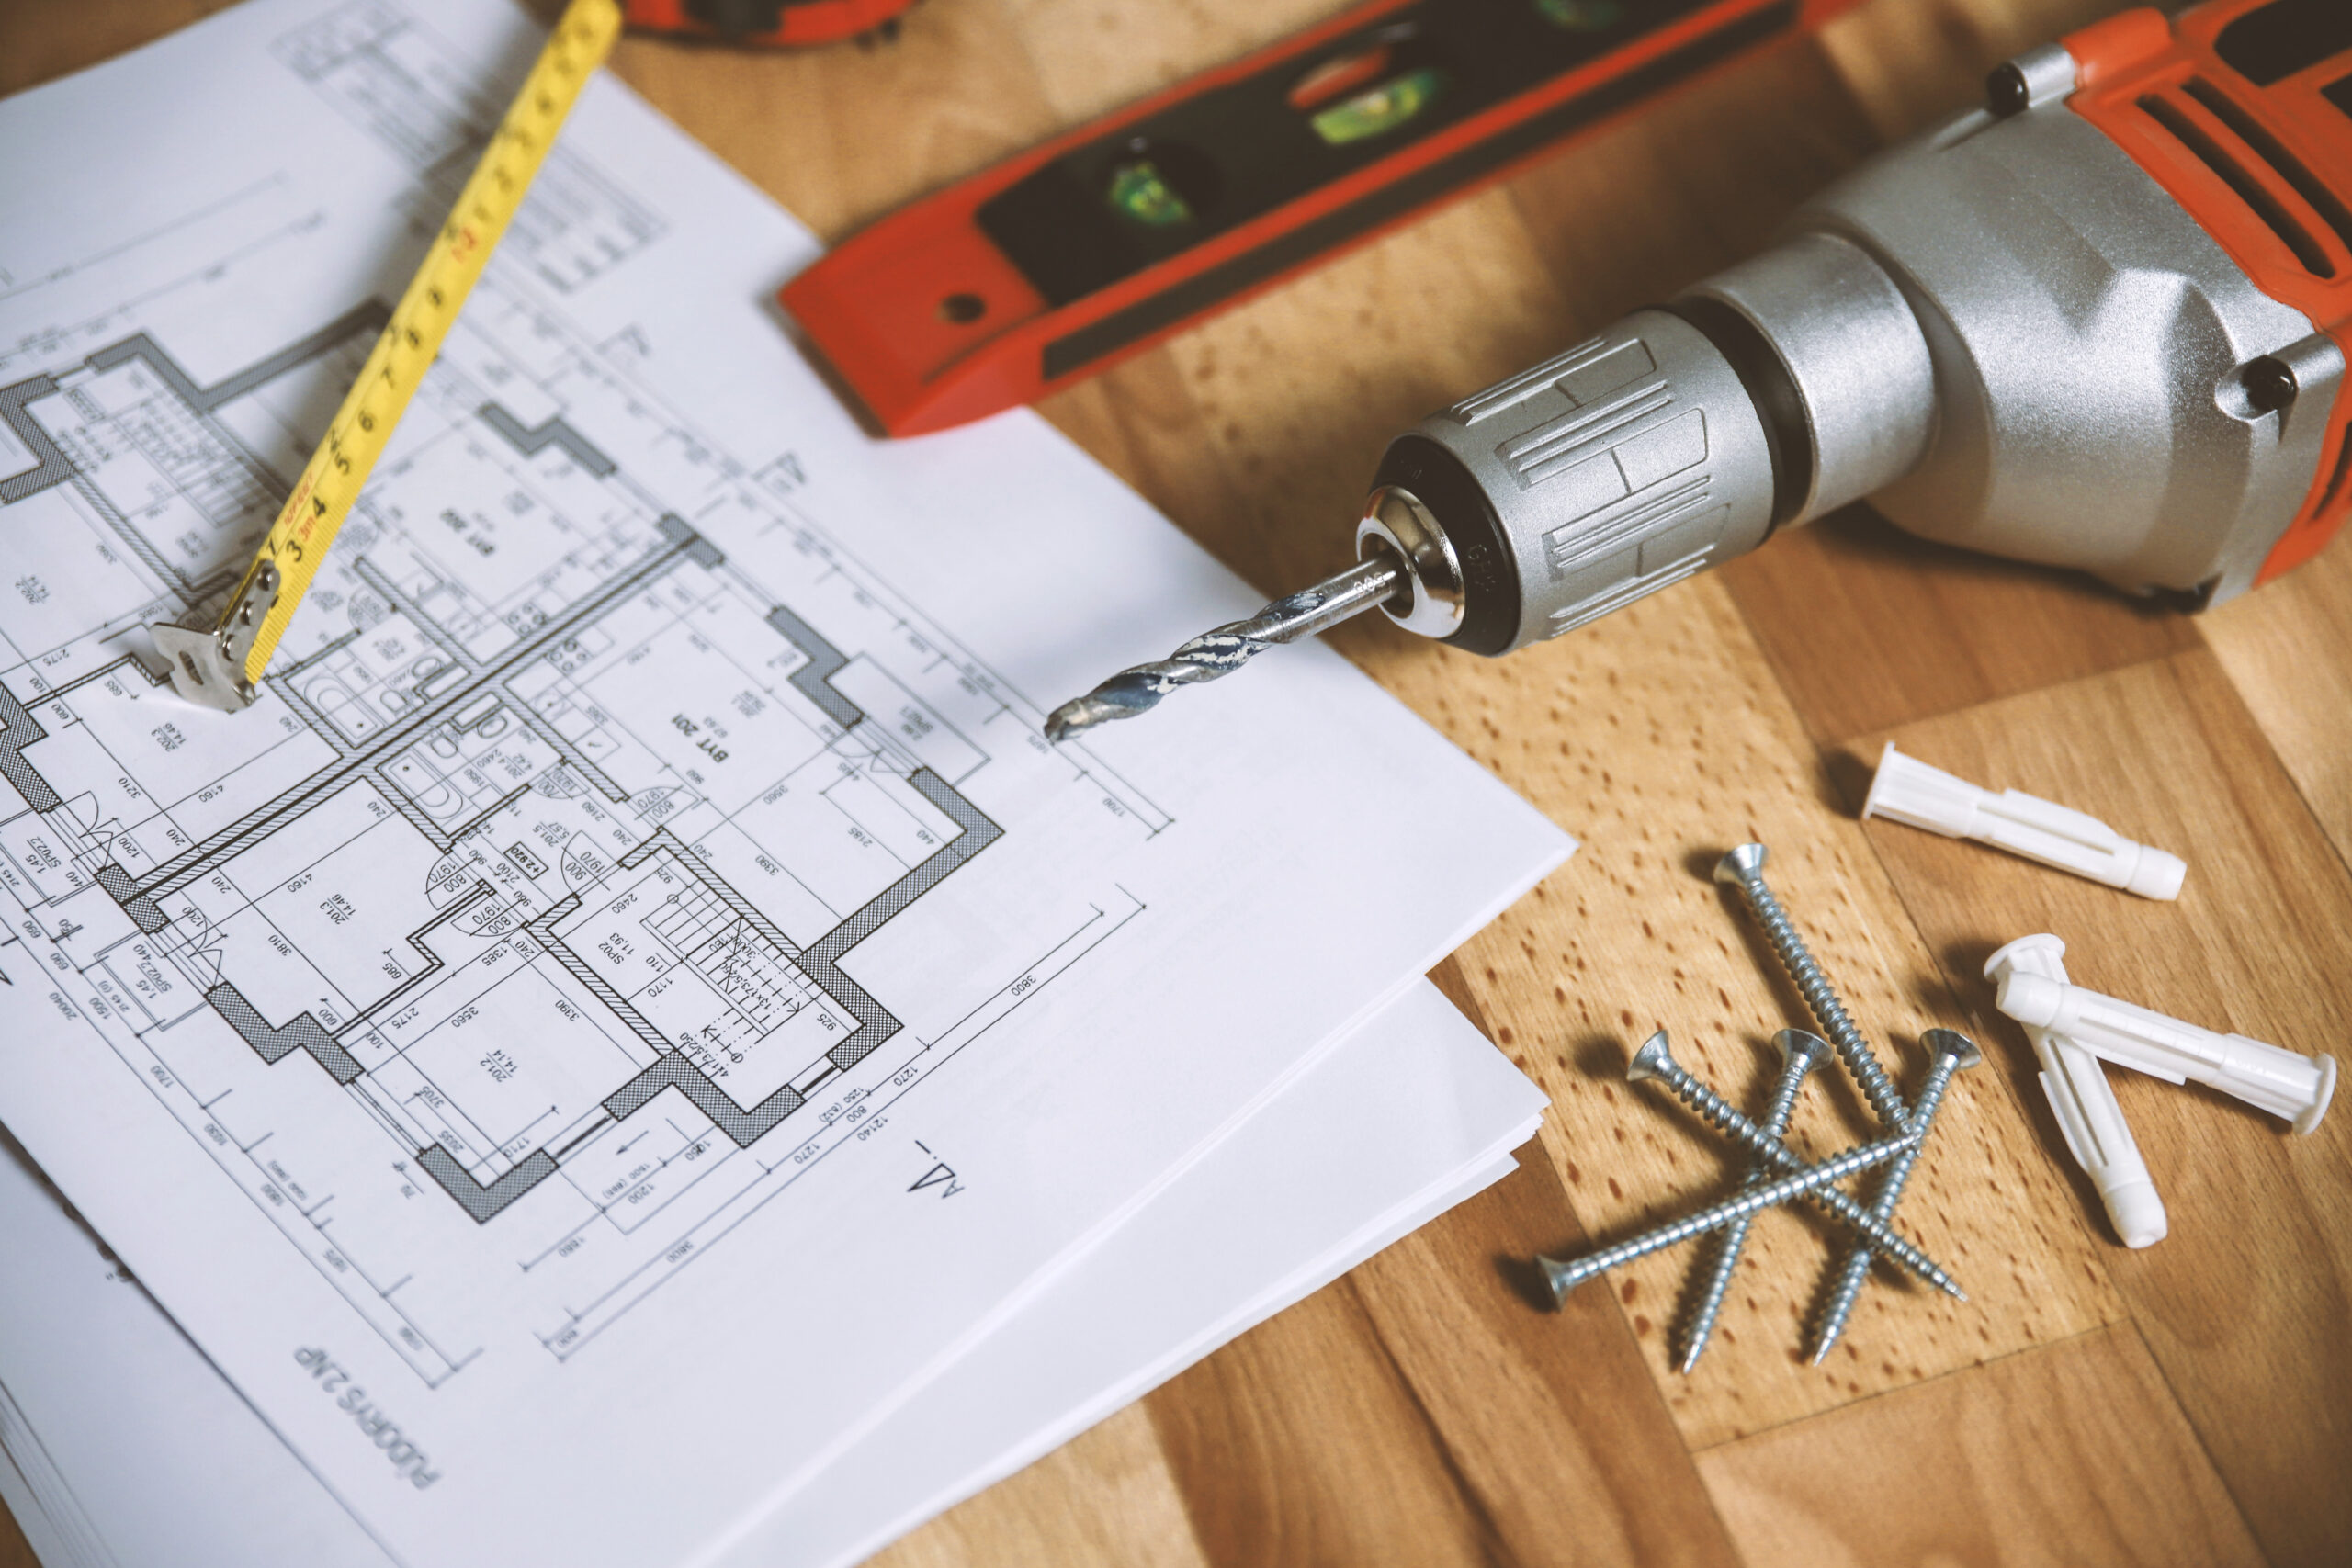 House Floor plan on a table